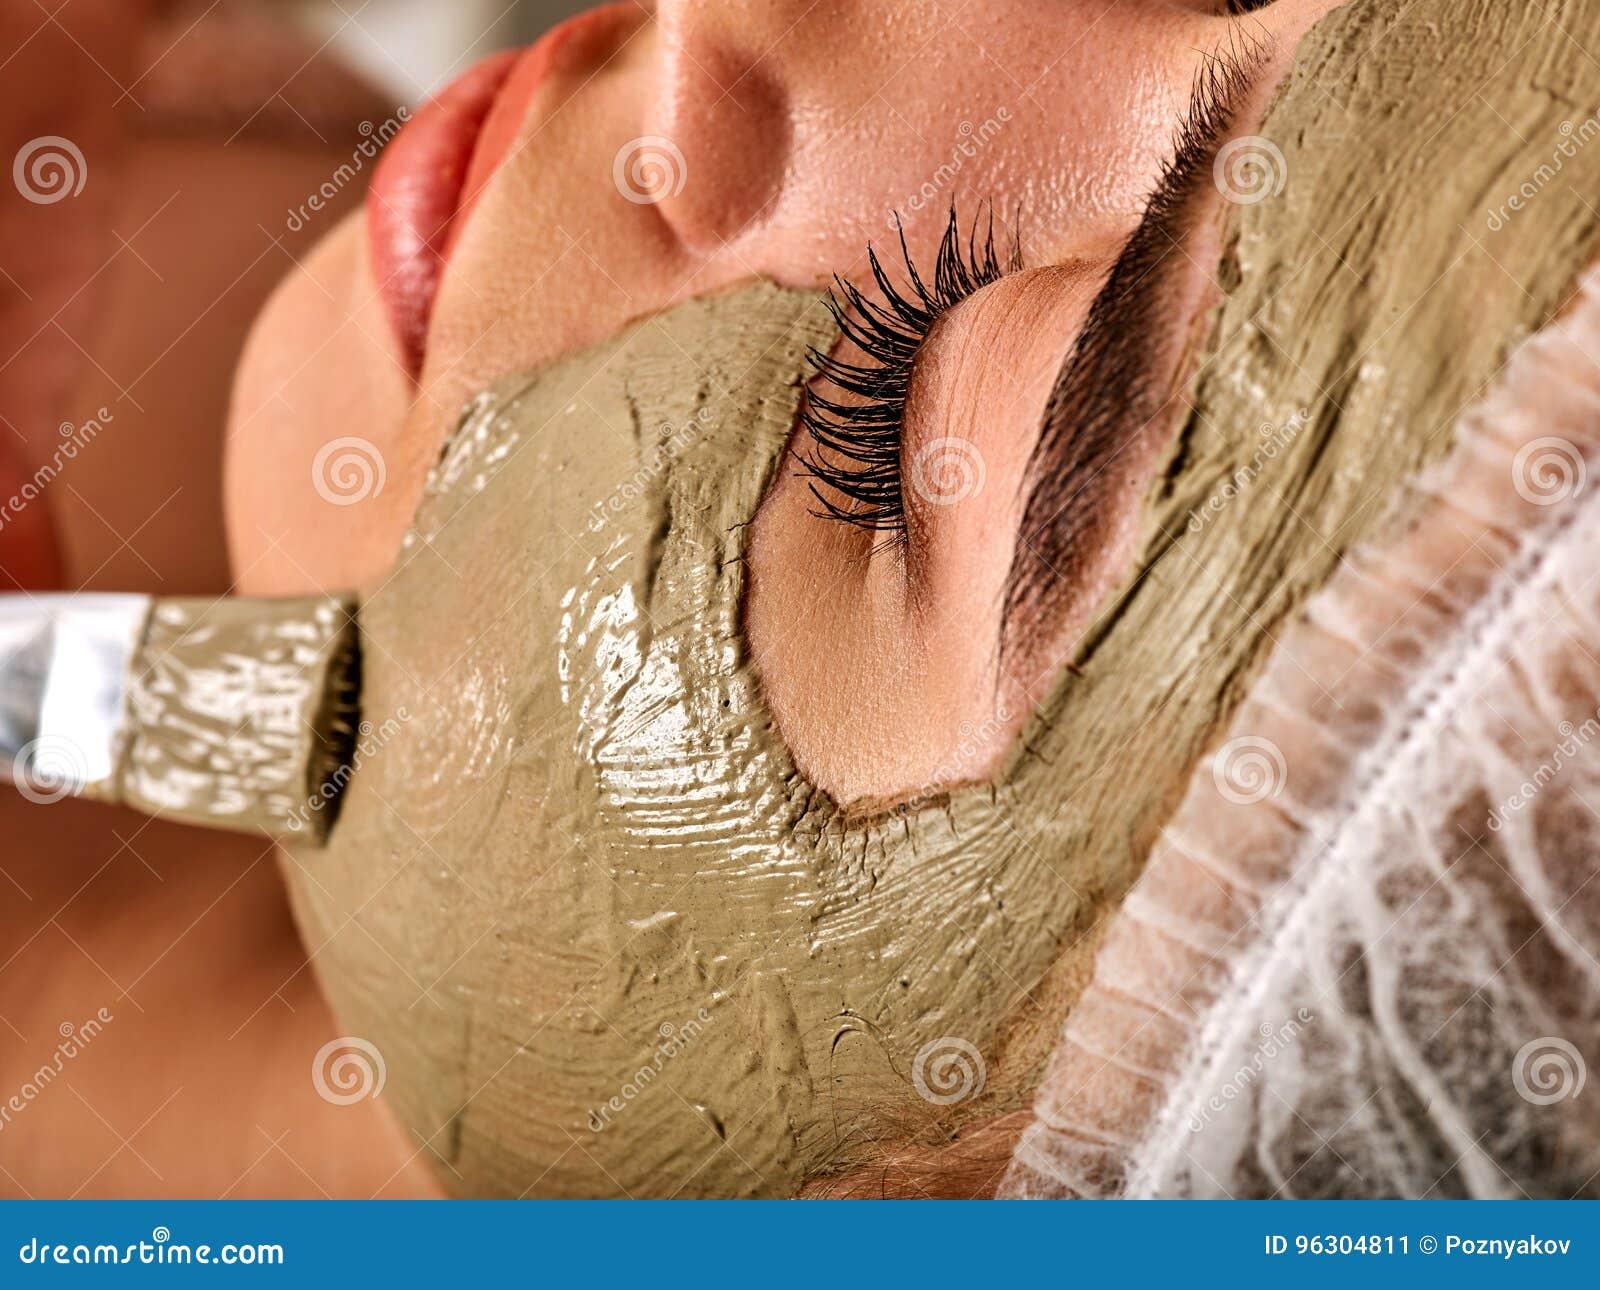 Του προσώπου μάσκα λάσπης της γυναίκας στο σαλόνι SPA Μασάζ με το πλήρες πρόσωπο αργίλου